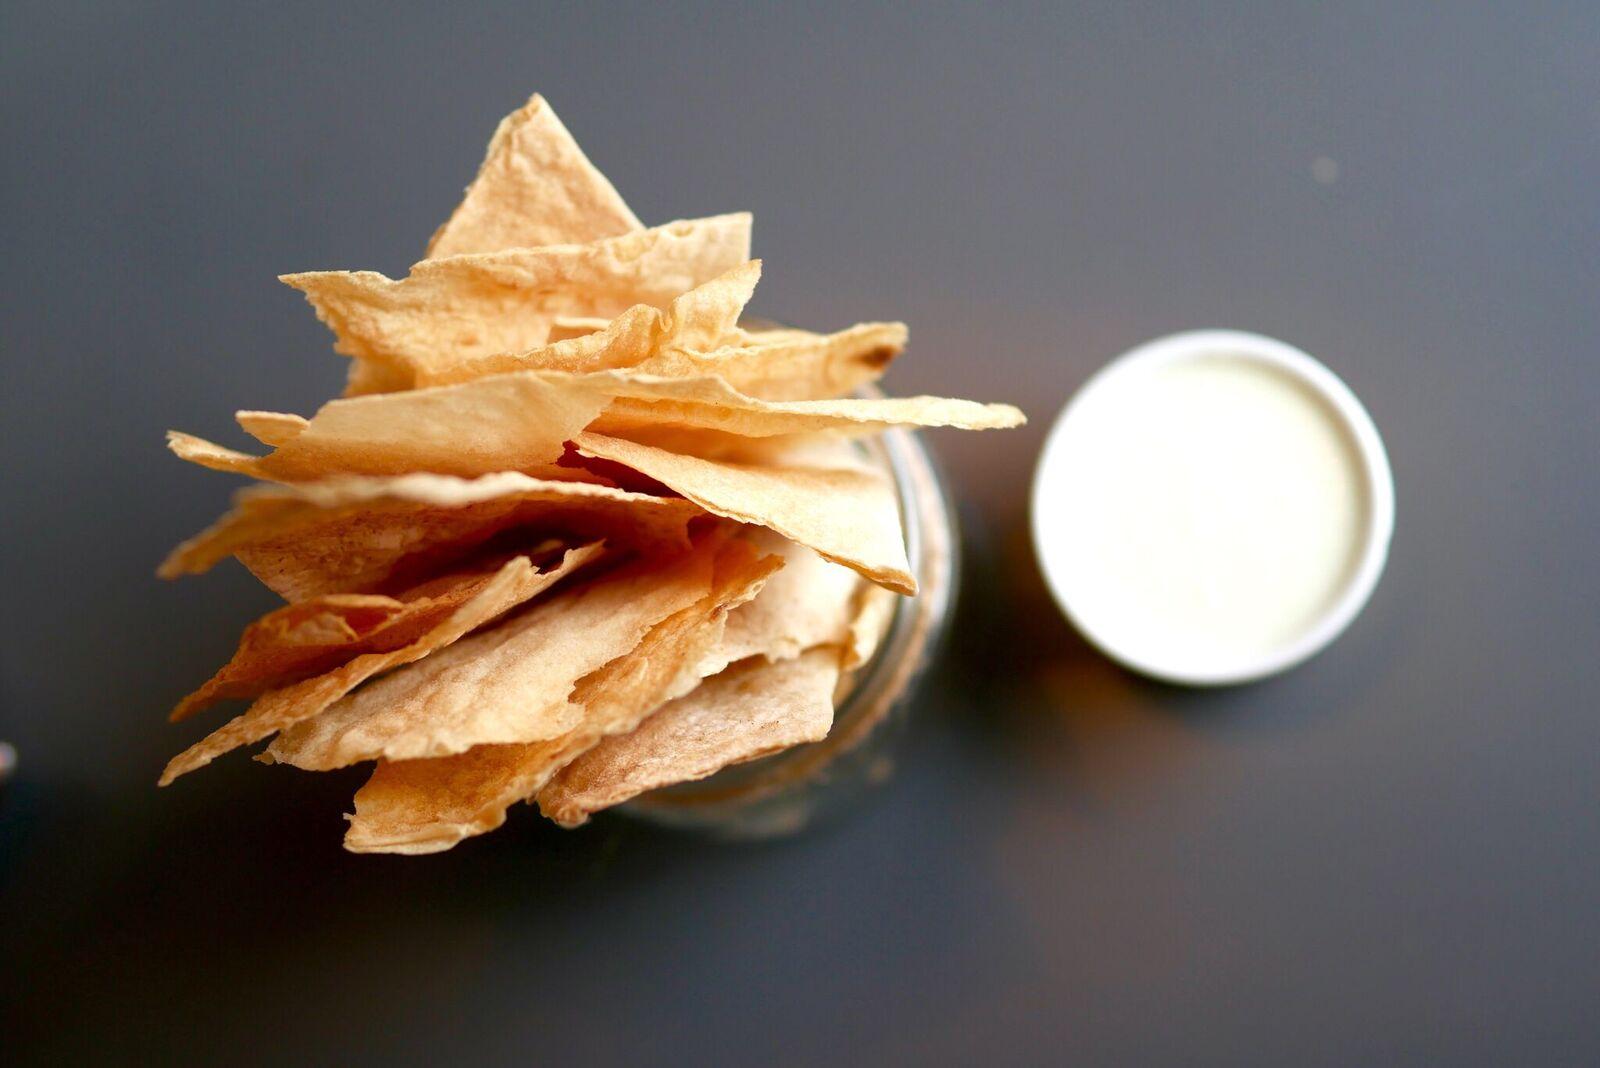 """....  Peatuse krõpsud peterselli-hapukoore dipikastmega 3€  Lihtne värk - purustatud lavašilaastud koos saatjaga. Kaste oli kerge ning vedelapoolsem, mitte nagu klassikaline dipikaste. See krõbe snäkk kadus laualt mõne minutiga!  ..  """"Peatus"""" chips with parsley-sour cream dip sauce 3€  Easy stuff - broken wrapper chips with a nice sauce. The sauce was mild not like a classic dipping sauce. This crunchy snack disappeared from the table in a few minutes!  ...."""